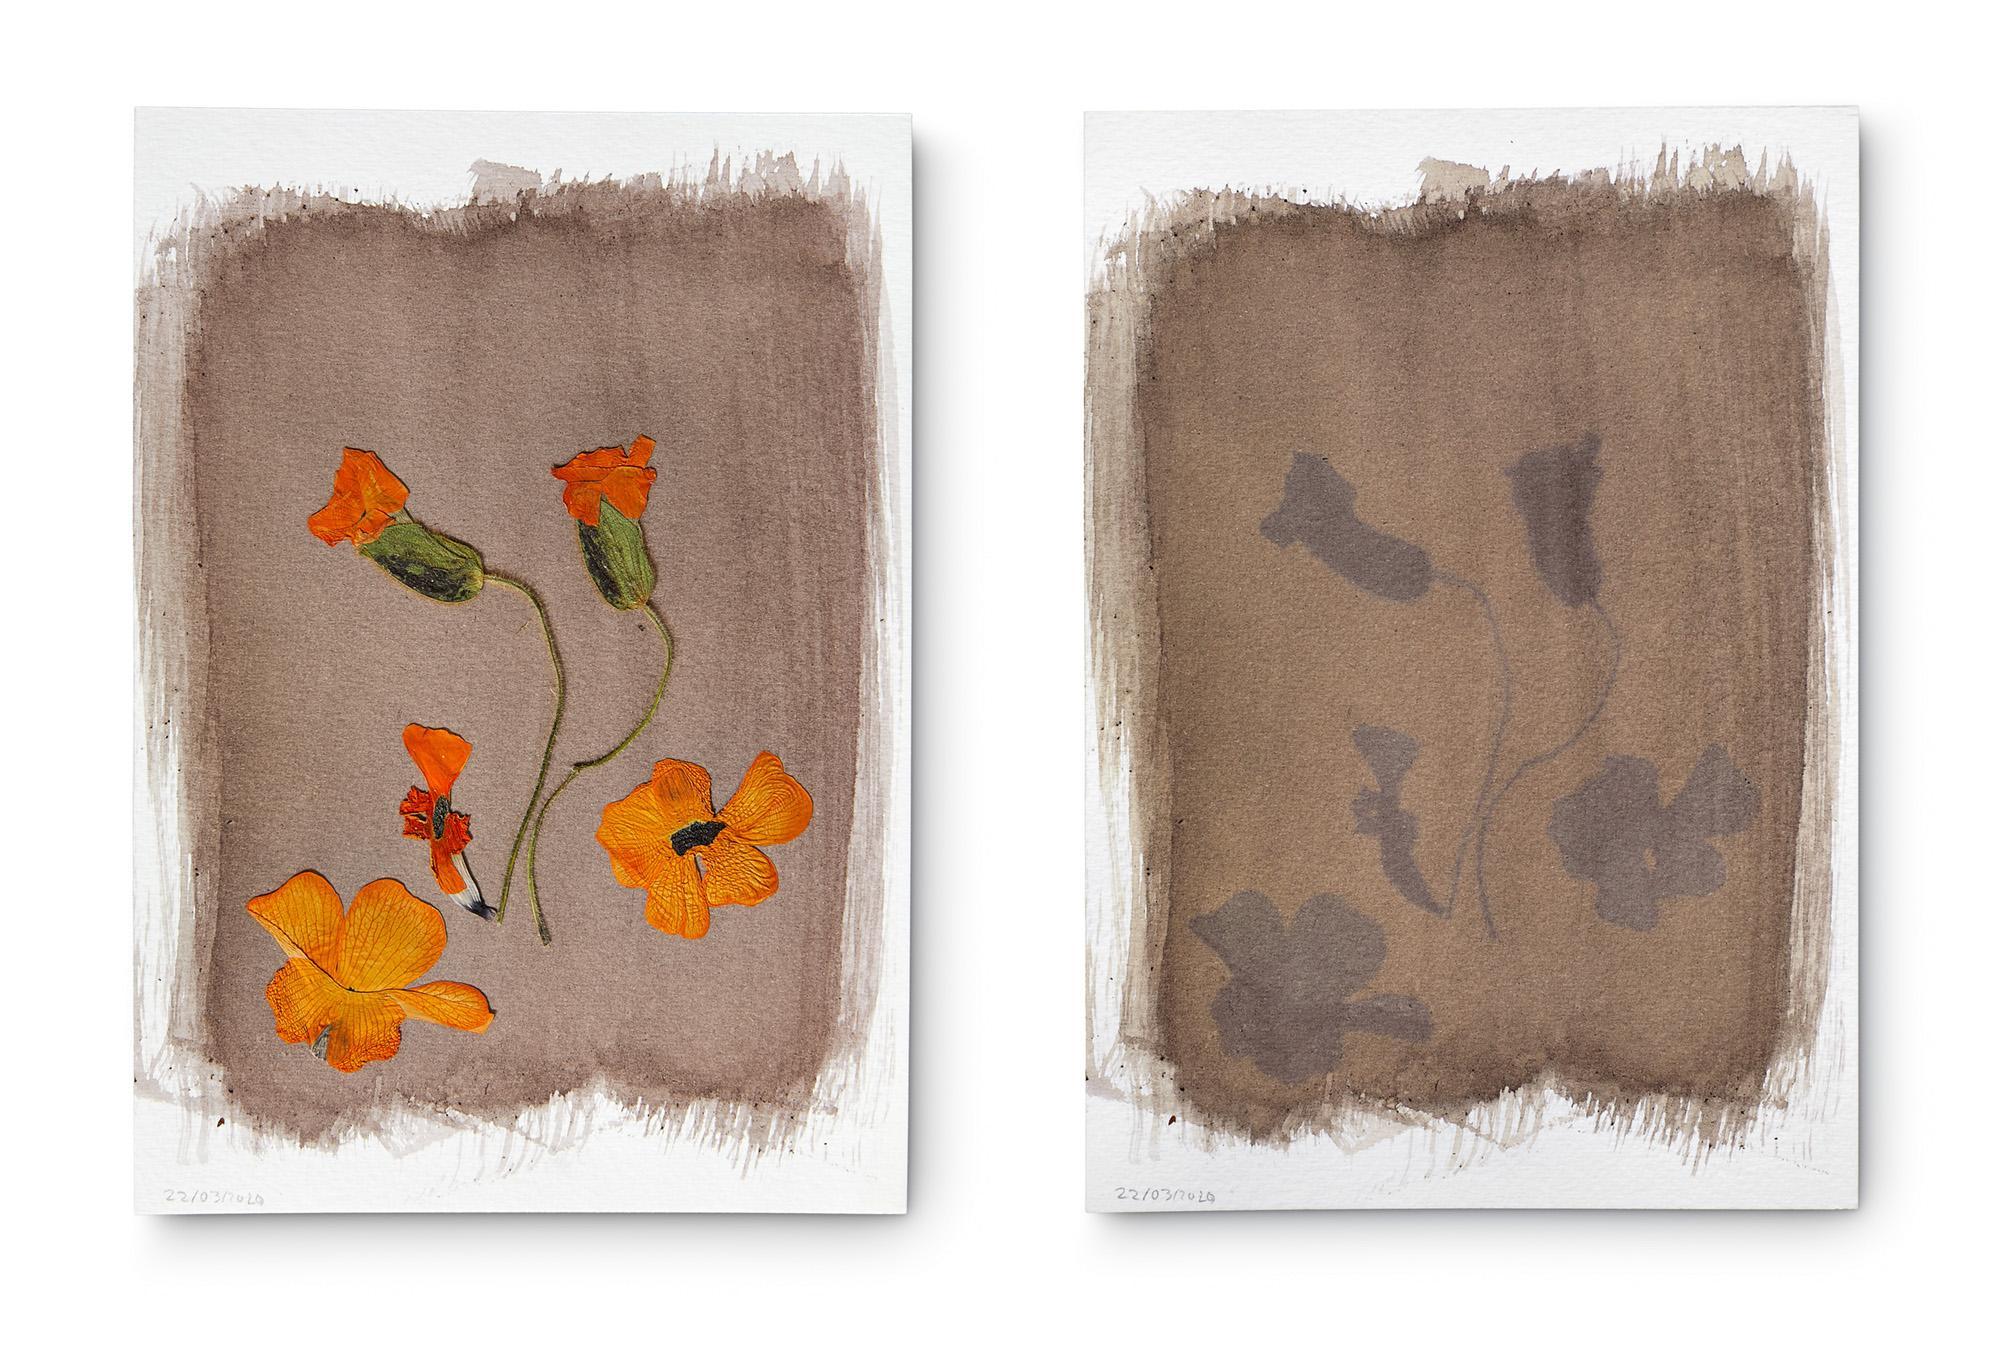 Thunbergia alata, Ojitos negros u Ojo de Poeta. (Nativa de África) 6 días de exposición. Las flores son de un color naranja fuerte pero el tinte es grisáceo. Crece como maleza, es invasora. Se la usa para curar el mal de ojo, mal aire o sustos.